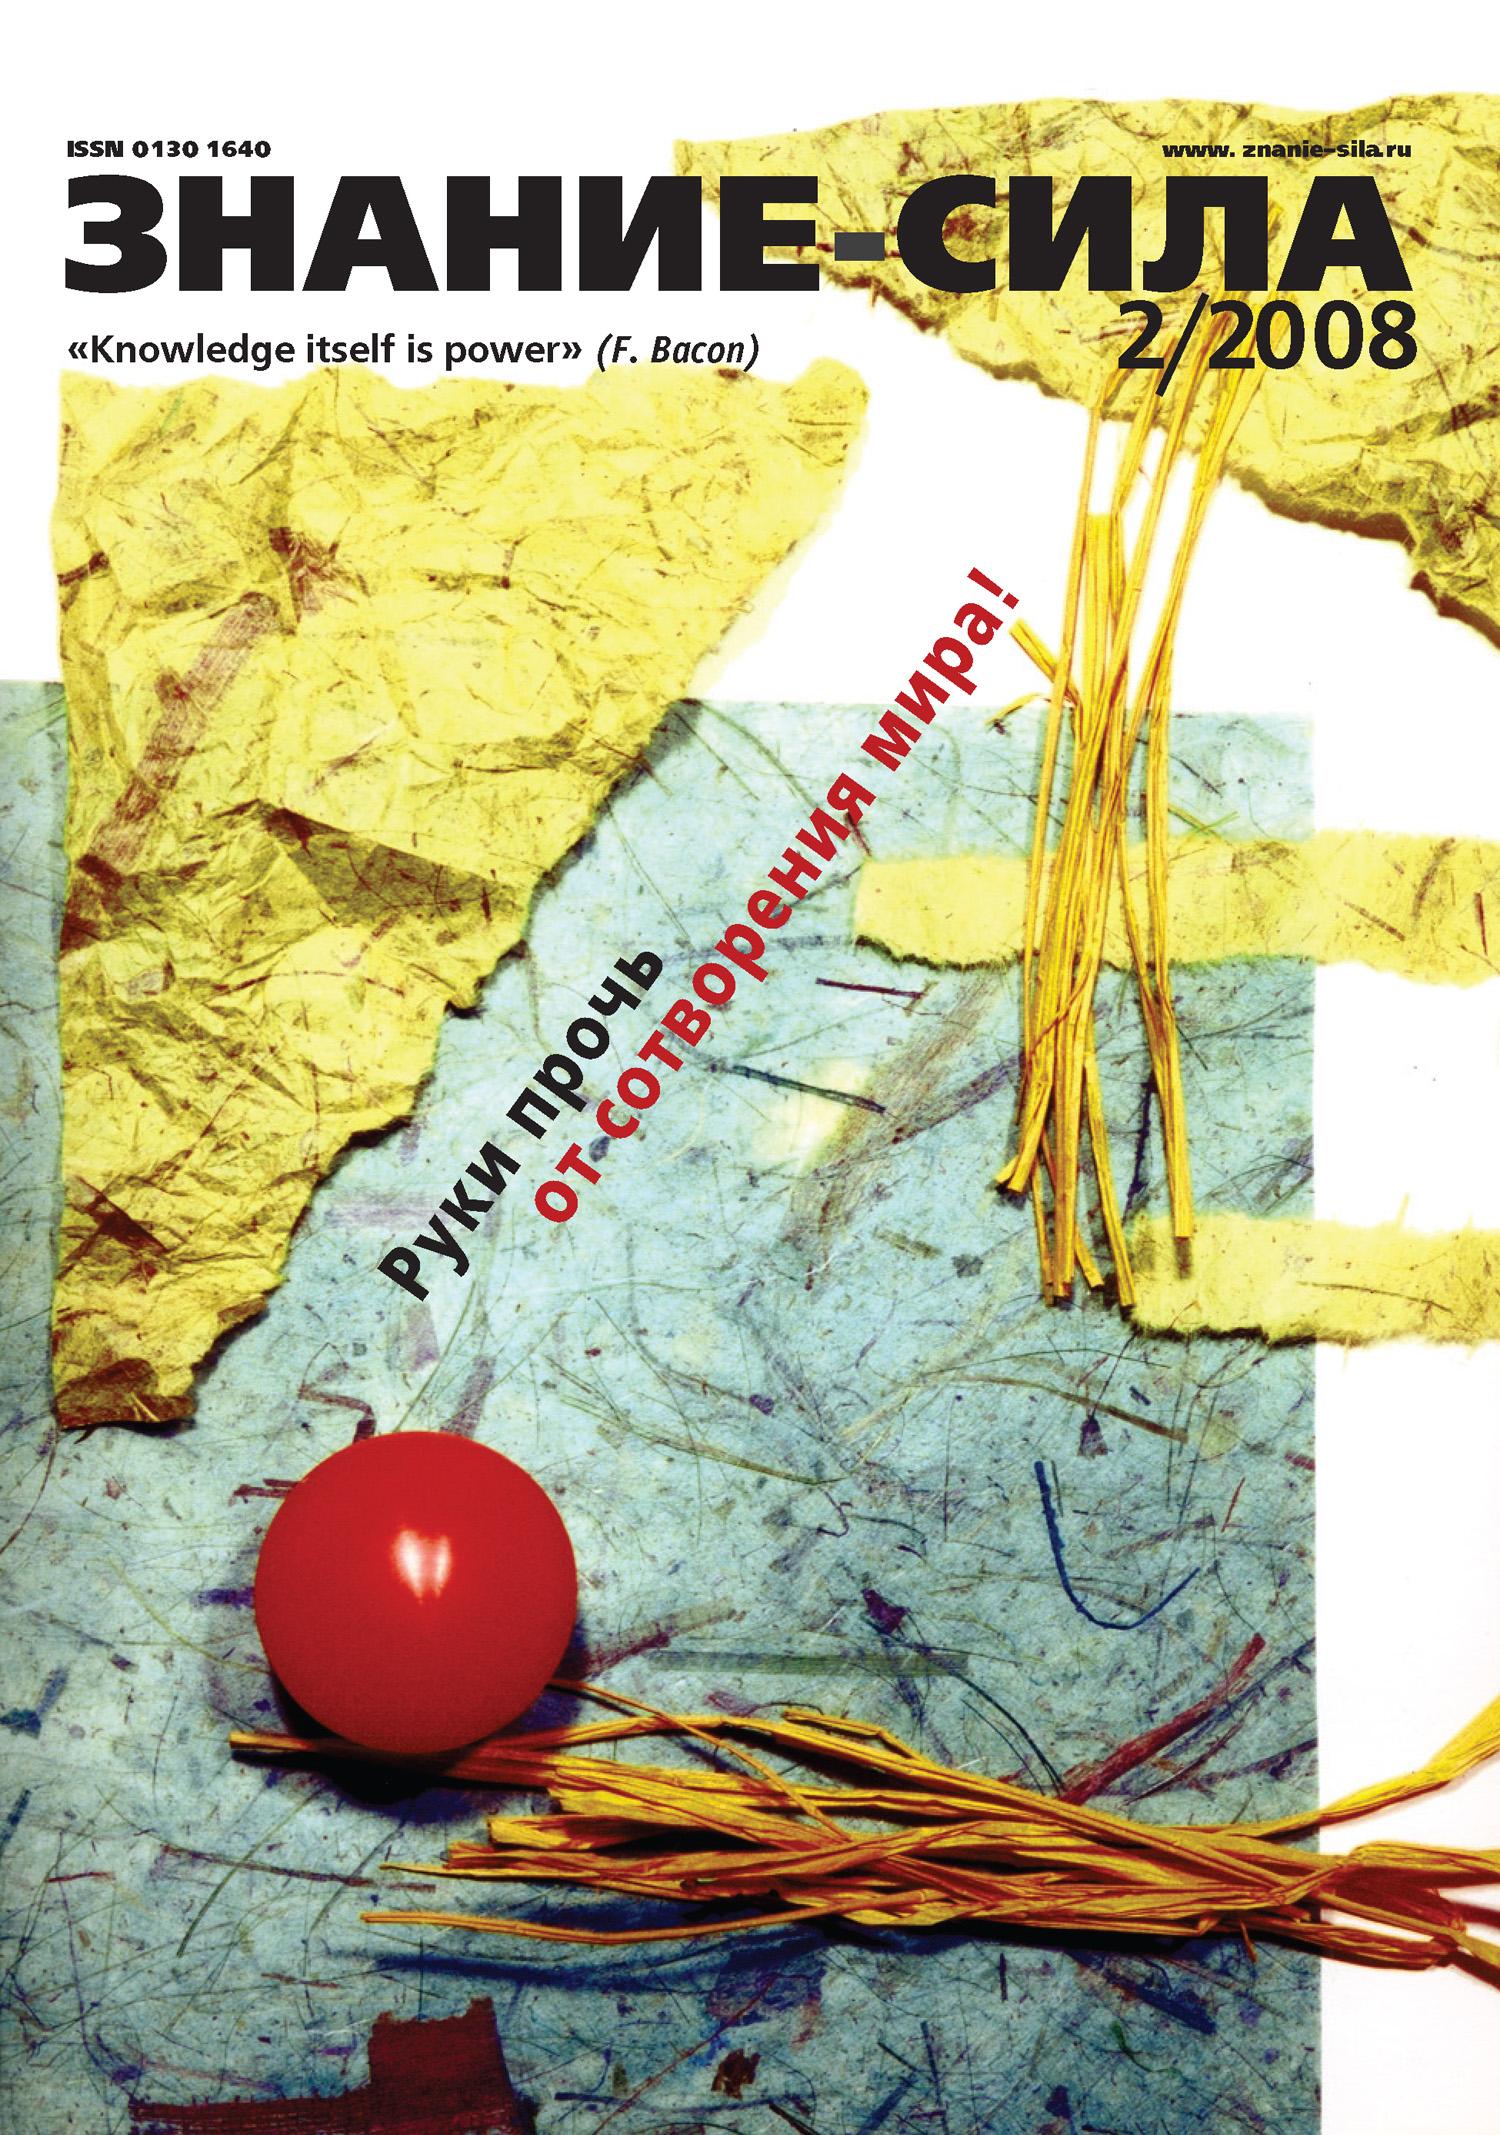 Отсутствует Журнал «Знание – сила» №2/2008 отсутствует журнал знание – сила 9 2008